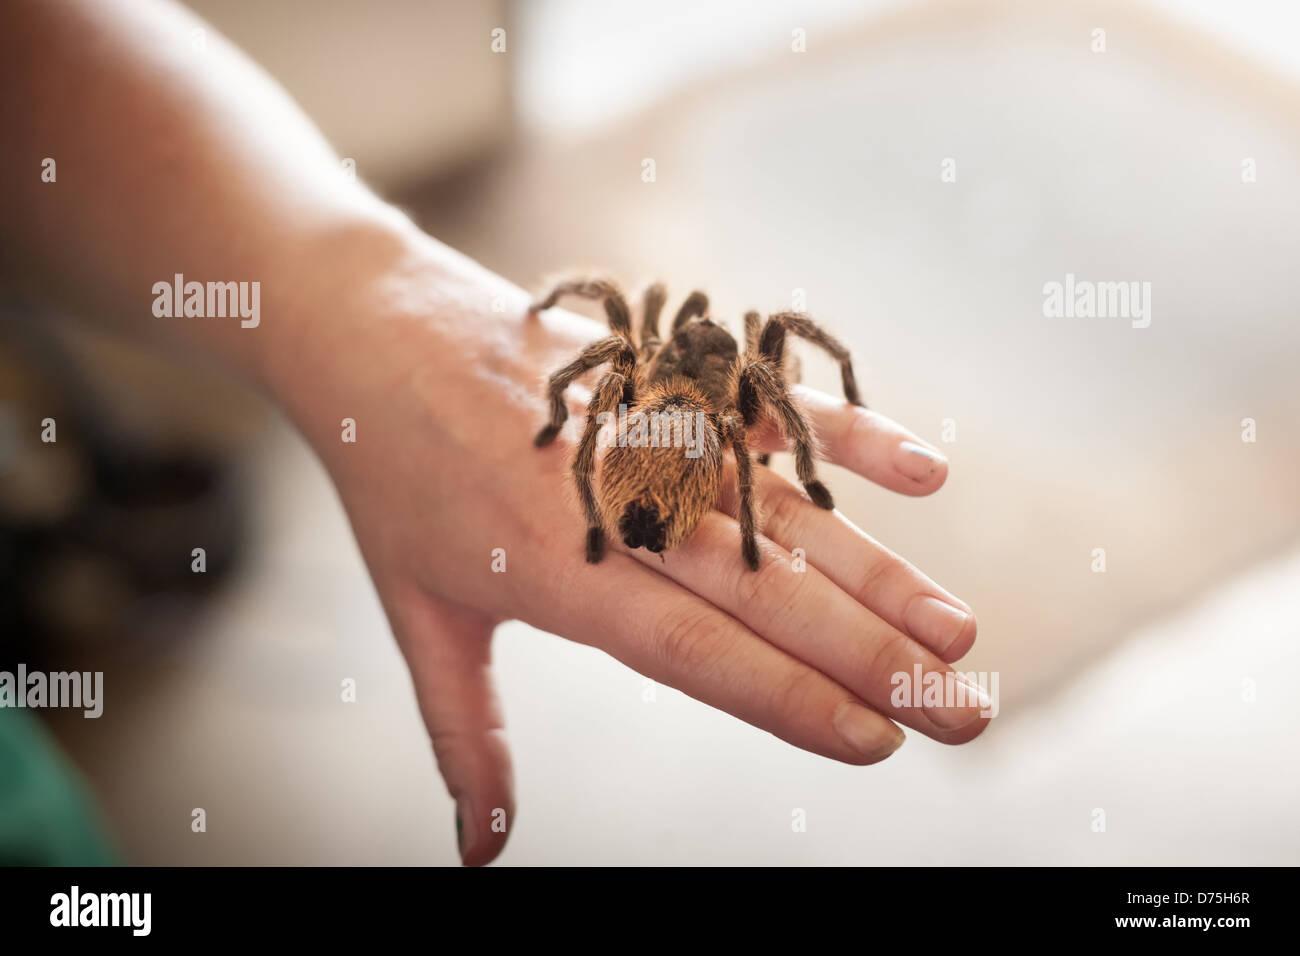 Marrón peluda mascota tarántula sentado en una mano humana Imagen De Stock